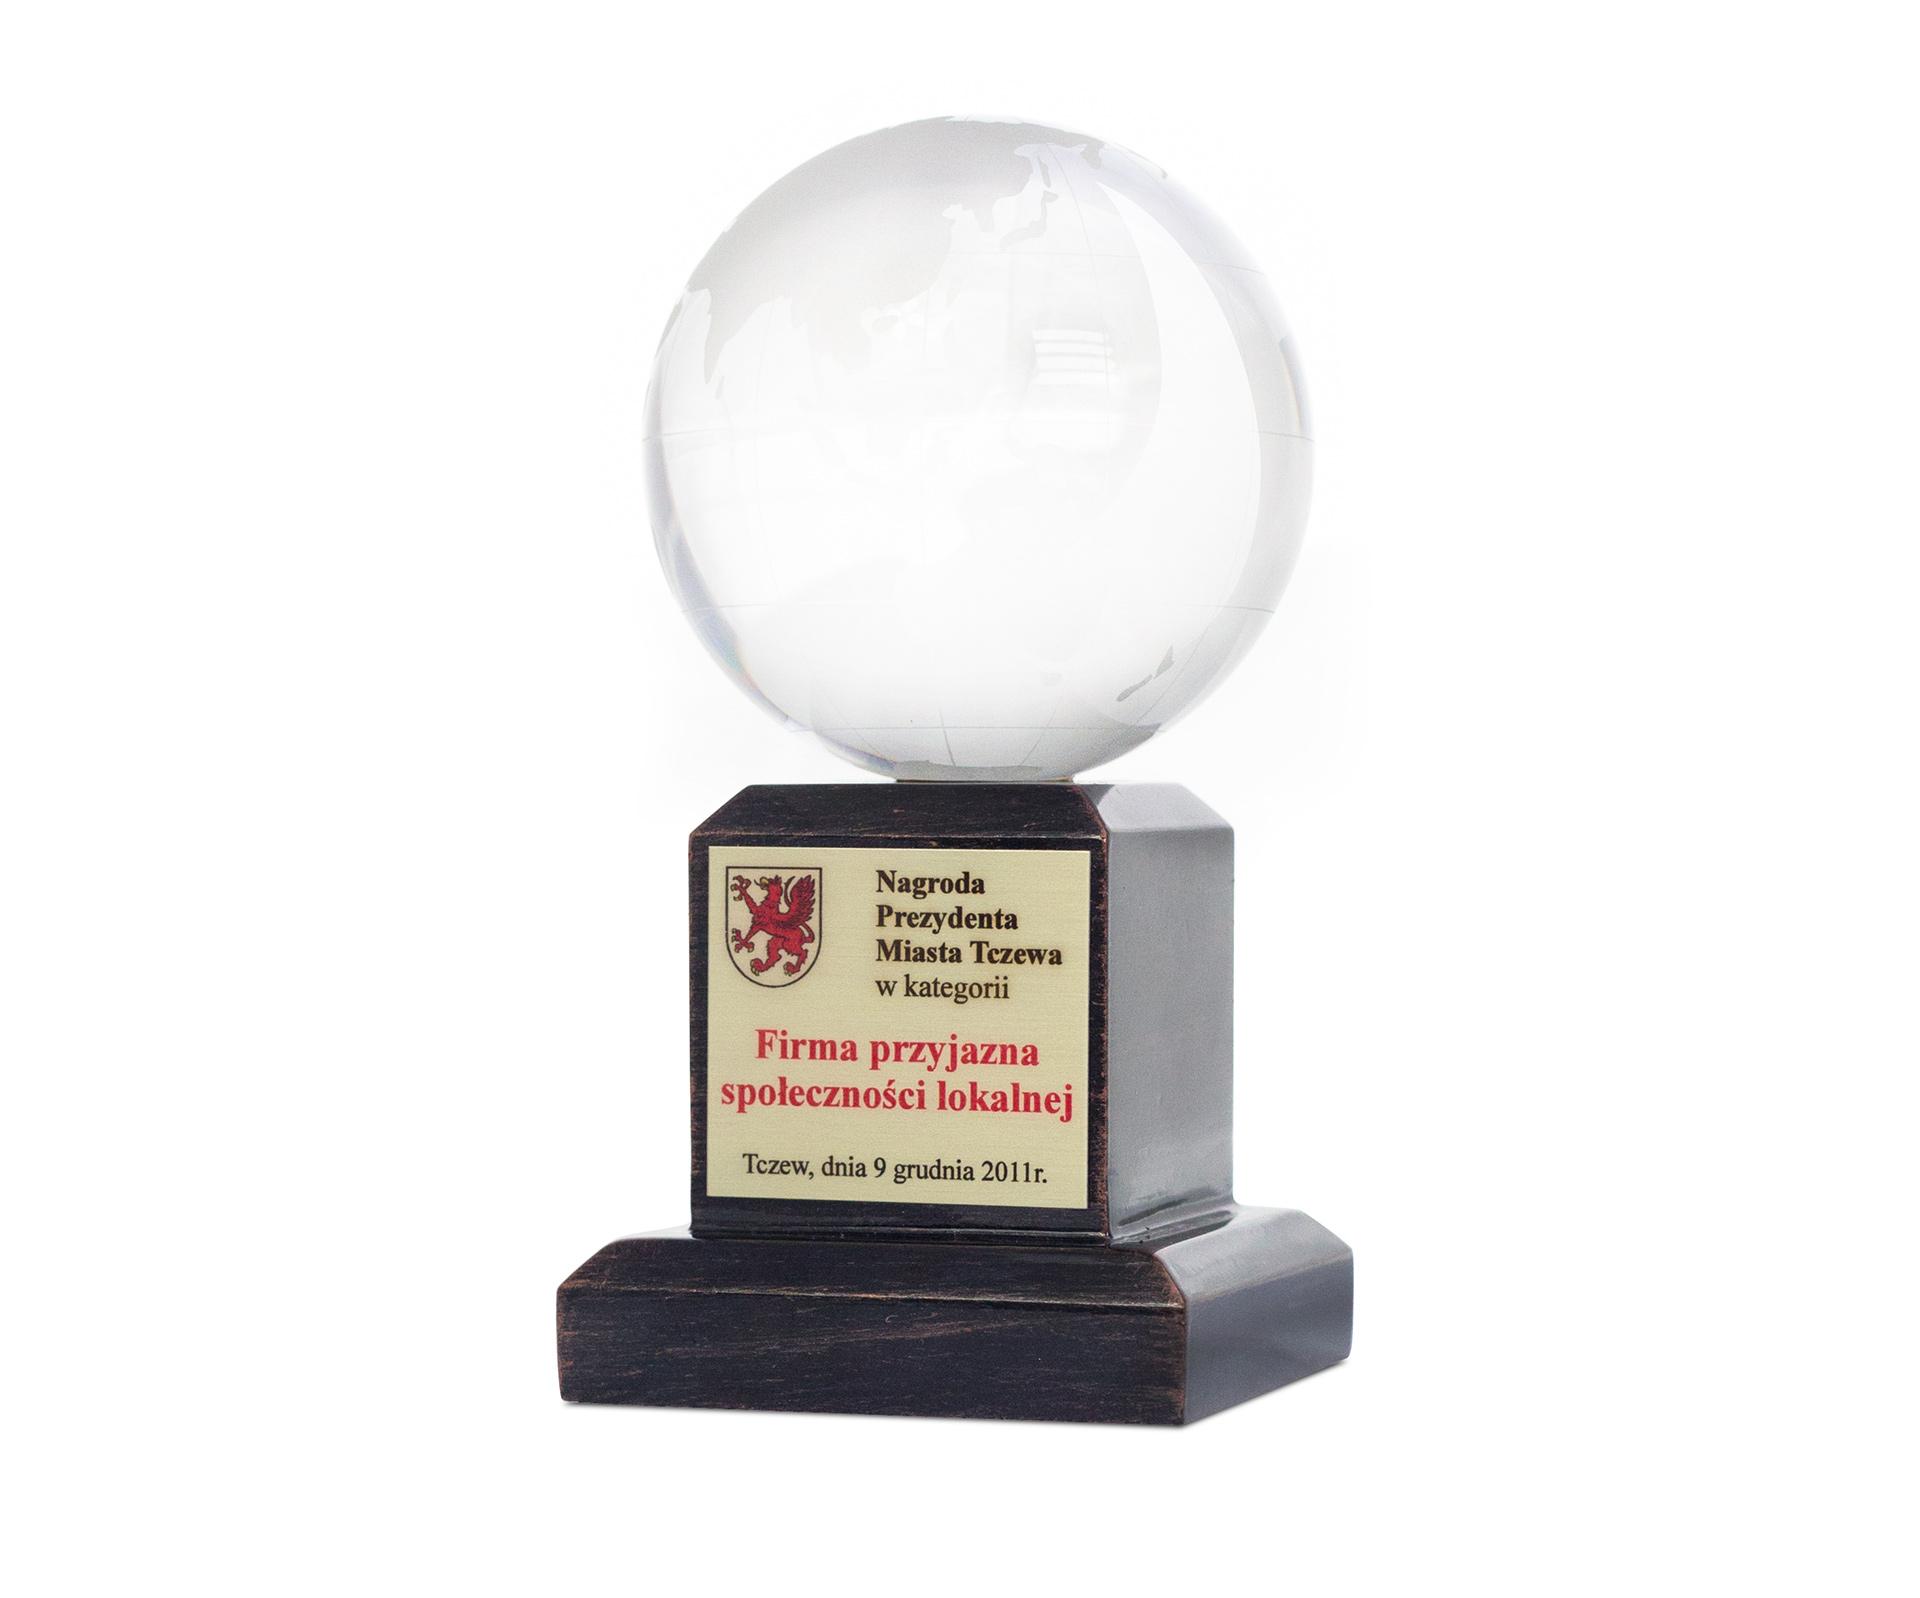 Nagrody dla Banku Spółdzielczego w Tczewie